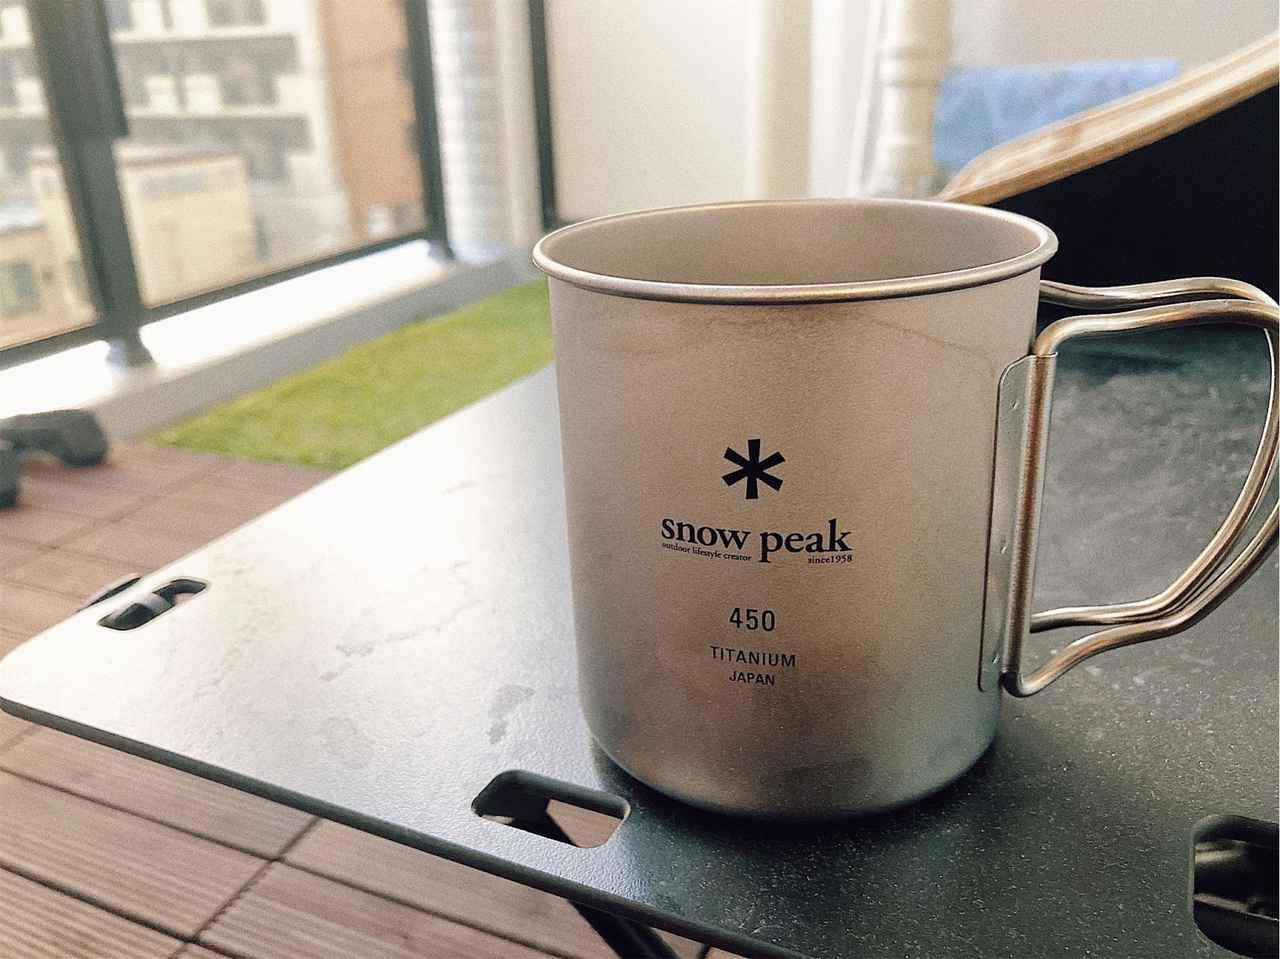 画像1: 【スノーピークマグカップ】チタンシングルマグは軽量・折り畳み可能で持ち運びにGOOD - ハピキャン(HAPPY CAMPER)